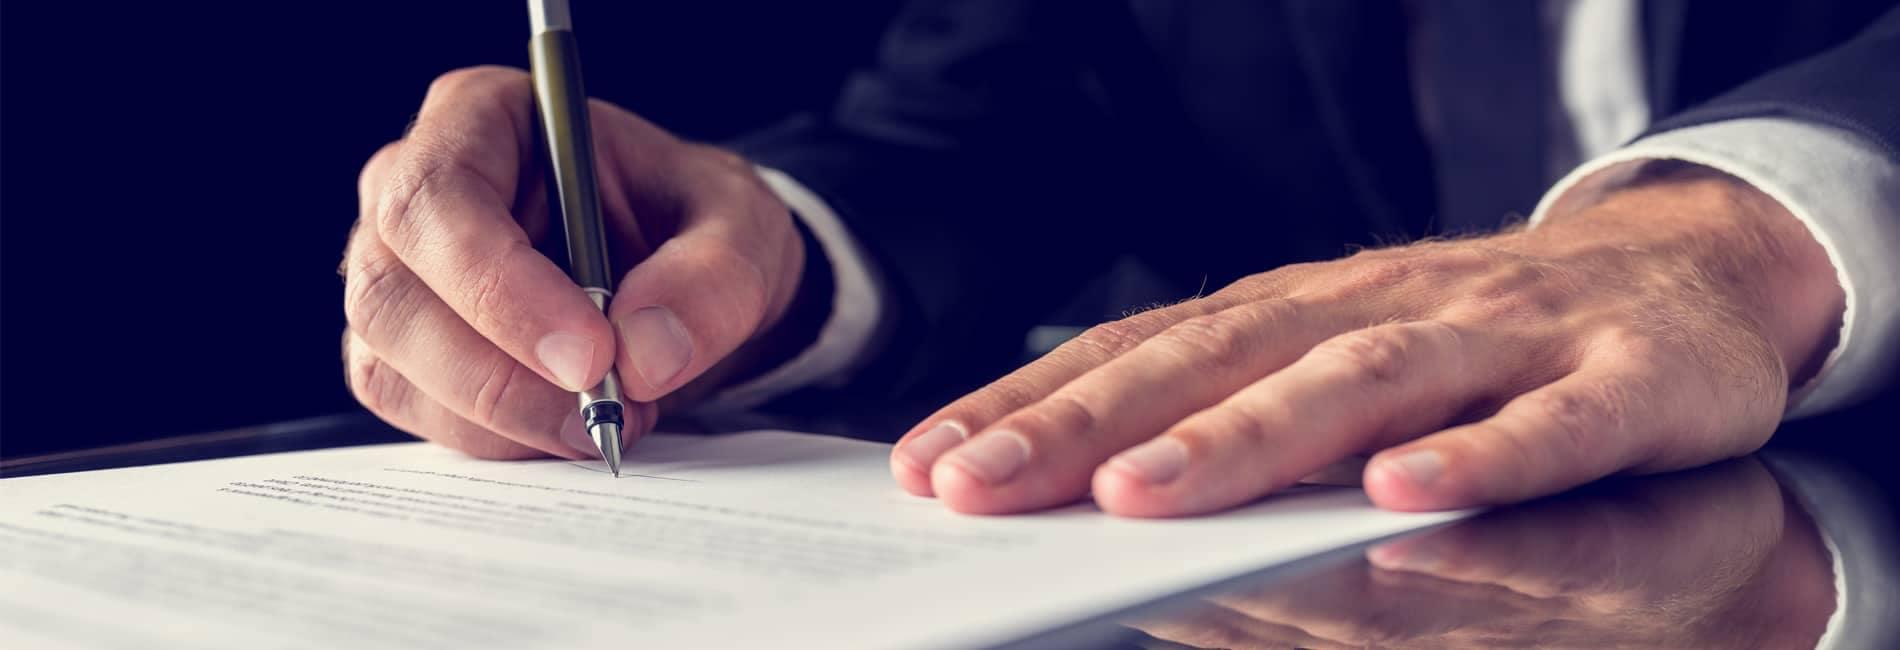 Pen on Paper Finance